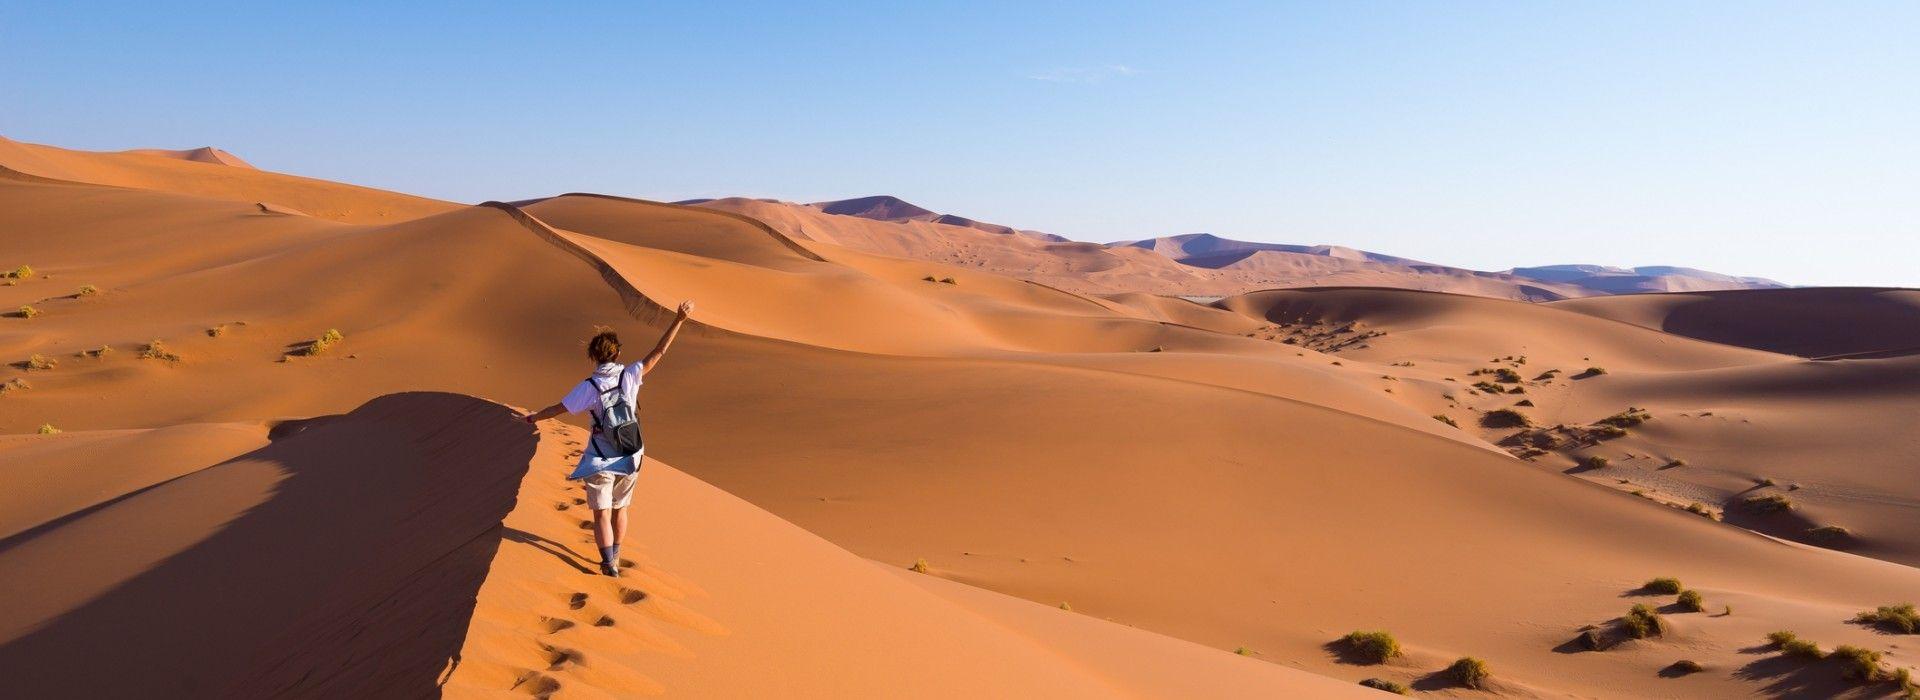 Explorer Tours in Namibia